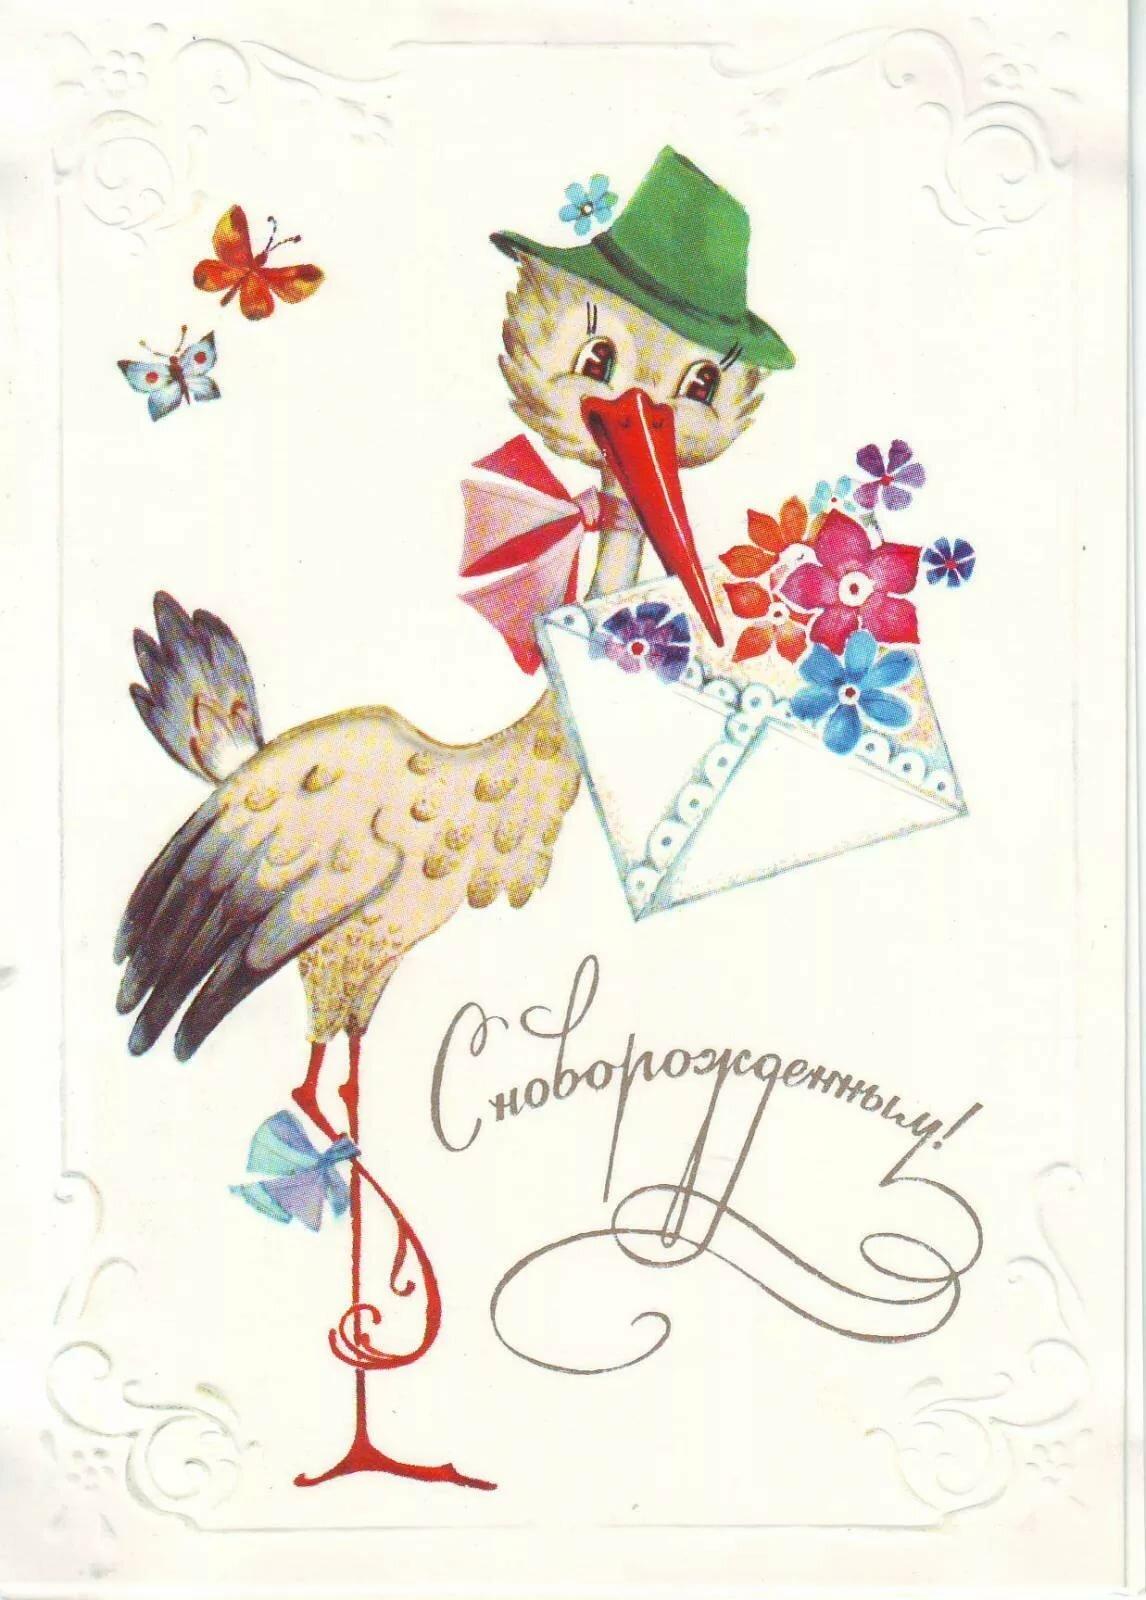 Первой годовщиной, открытки с аистом день рождения